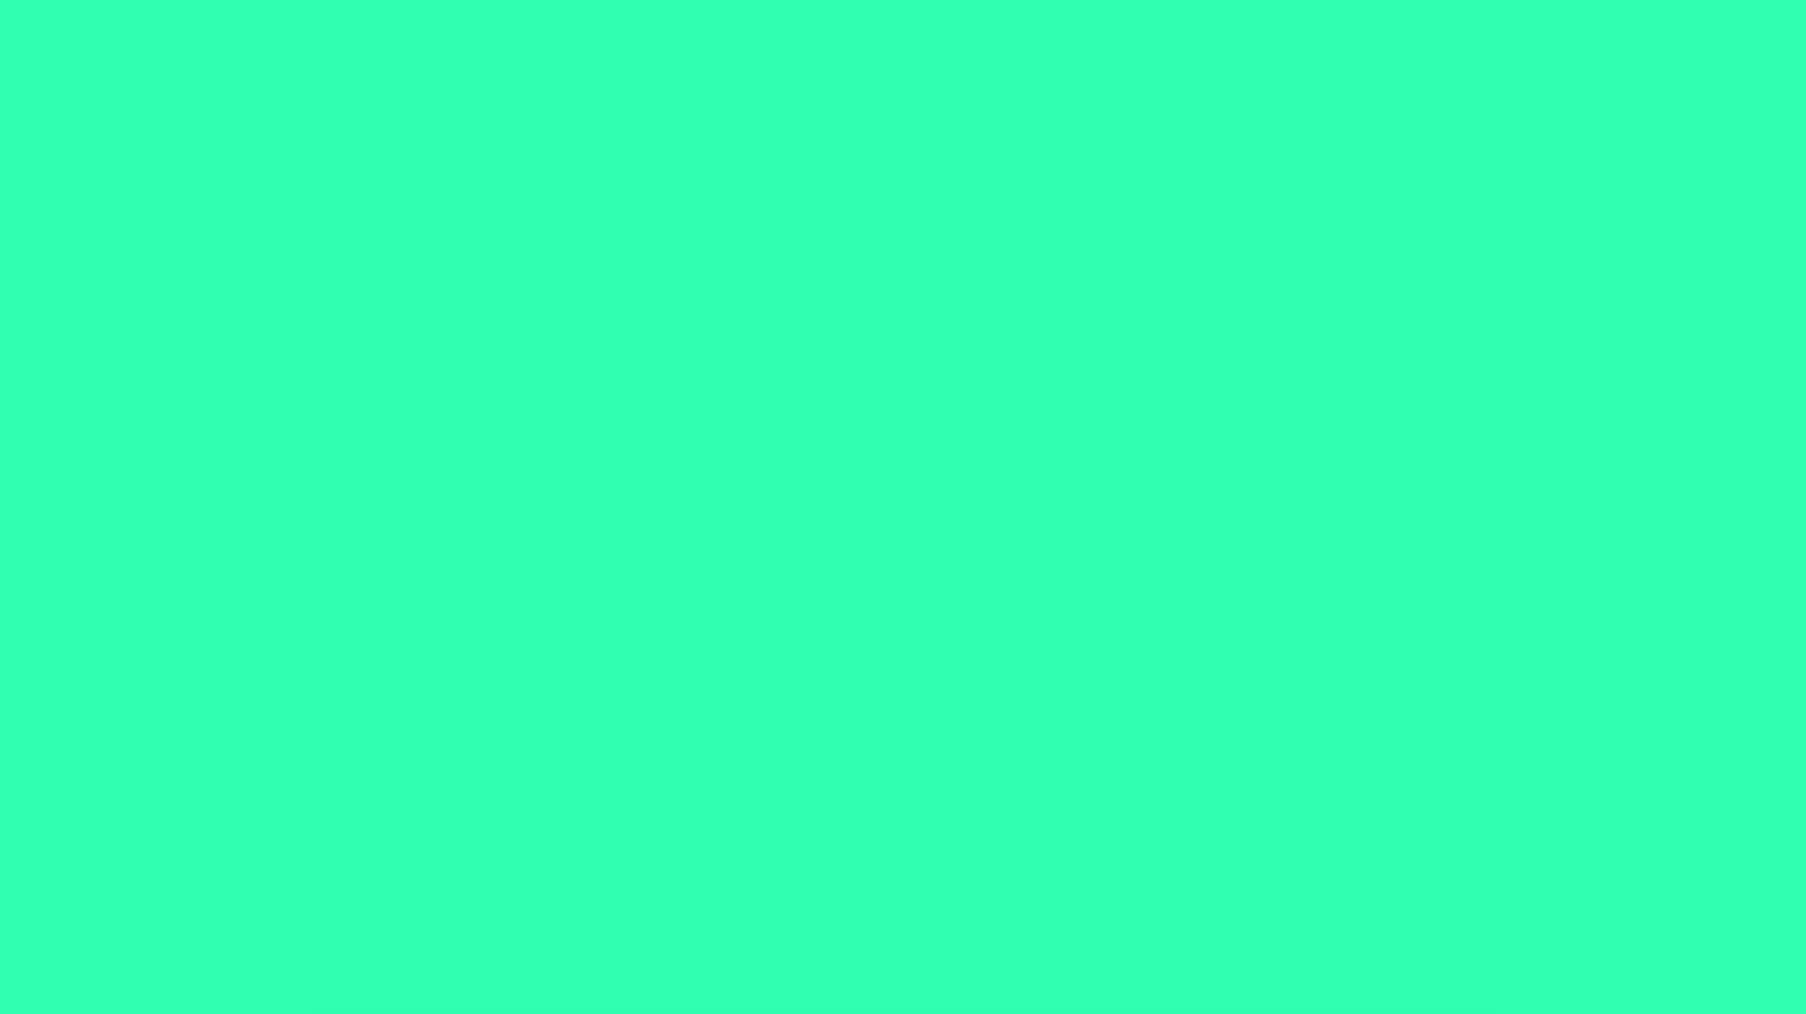 Screen Shot 2019-04-11 at 11.01.29 pm.png